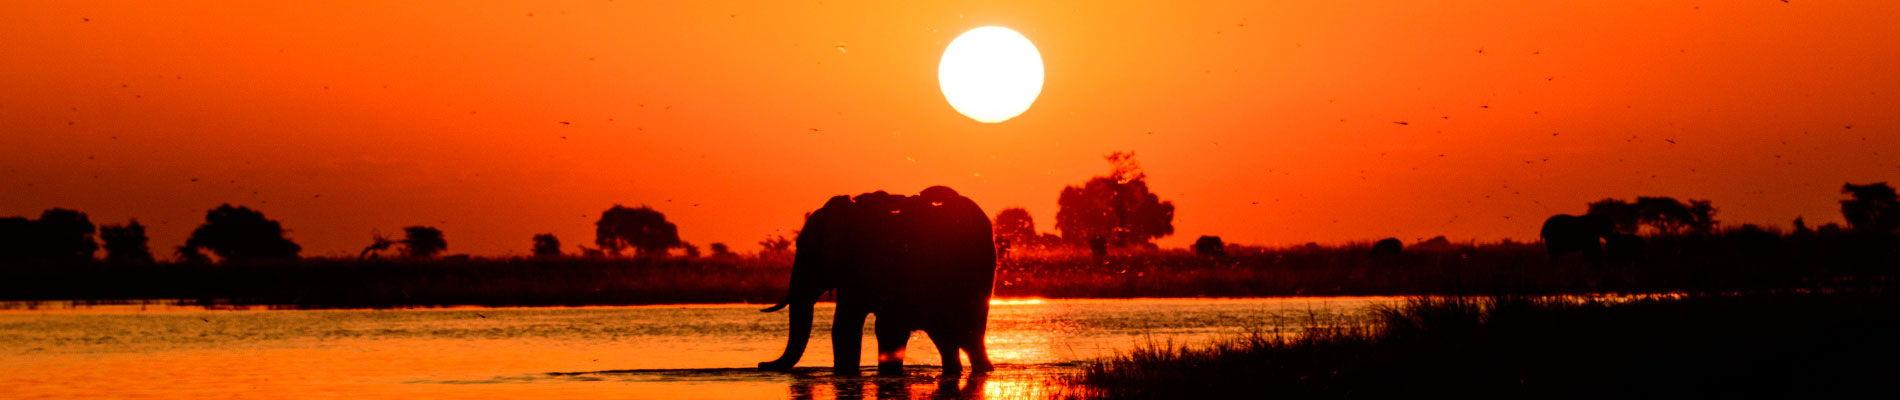 afrique-du-sud-coucher-de-soleil-st